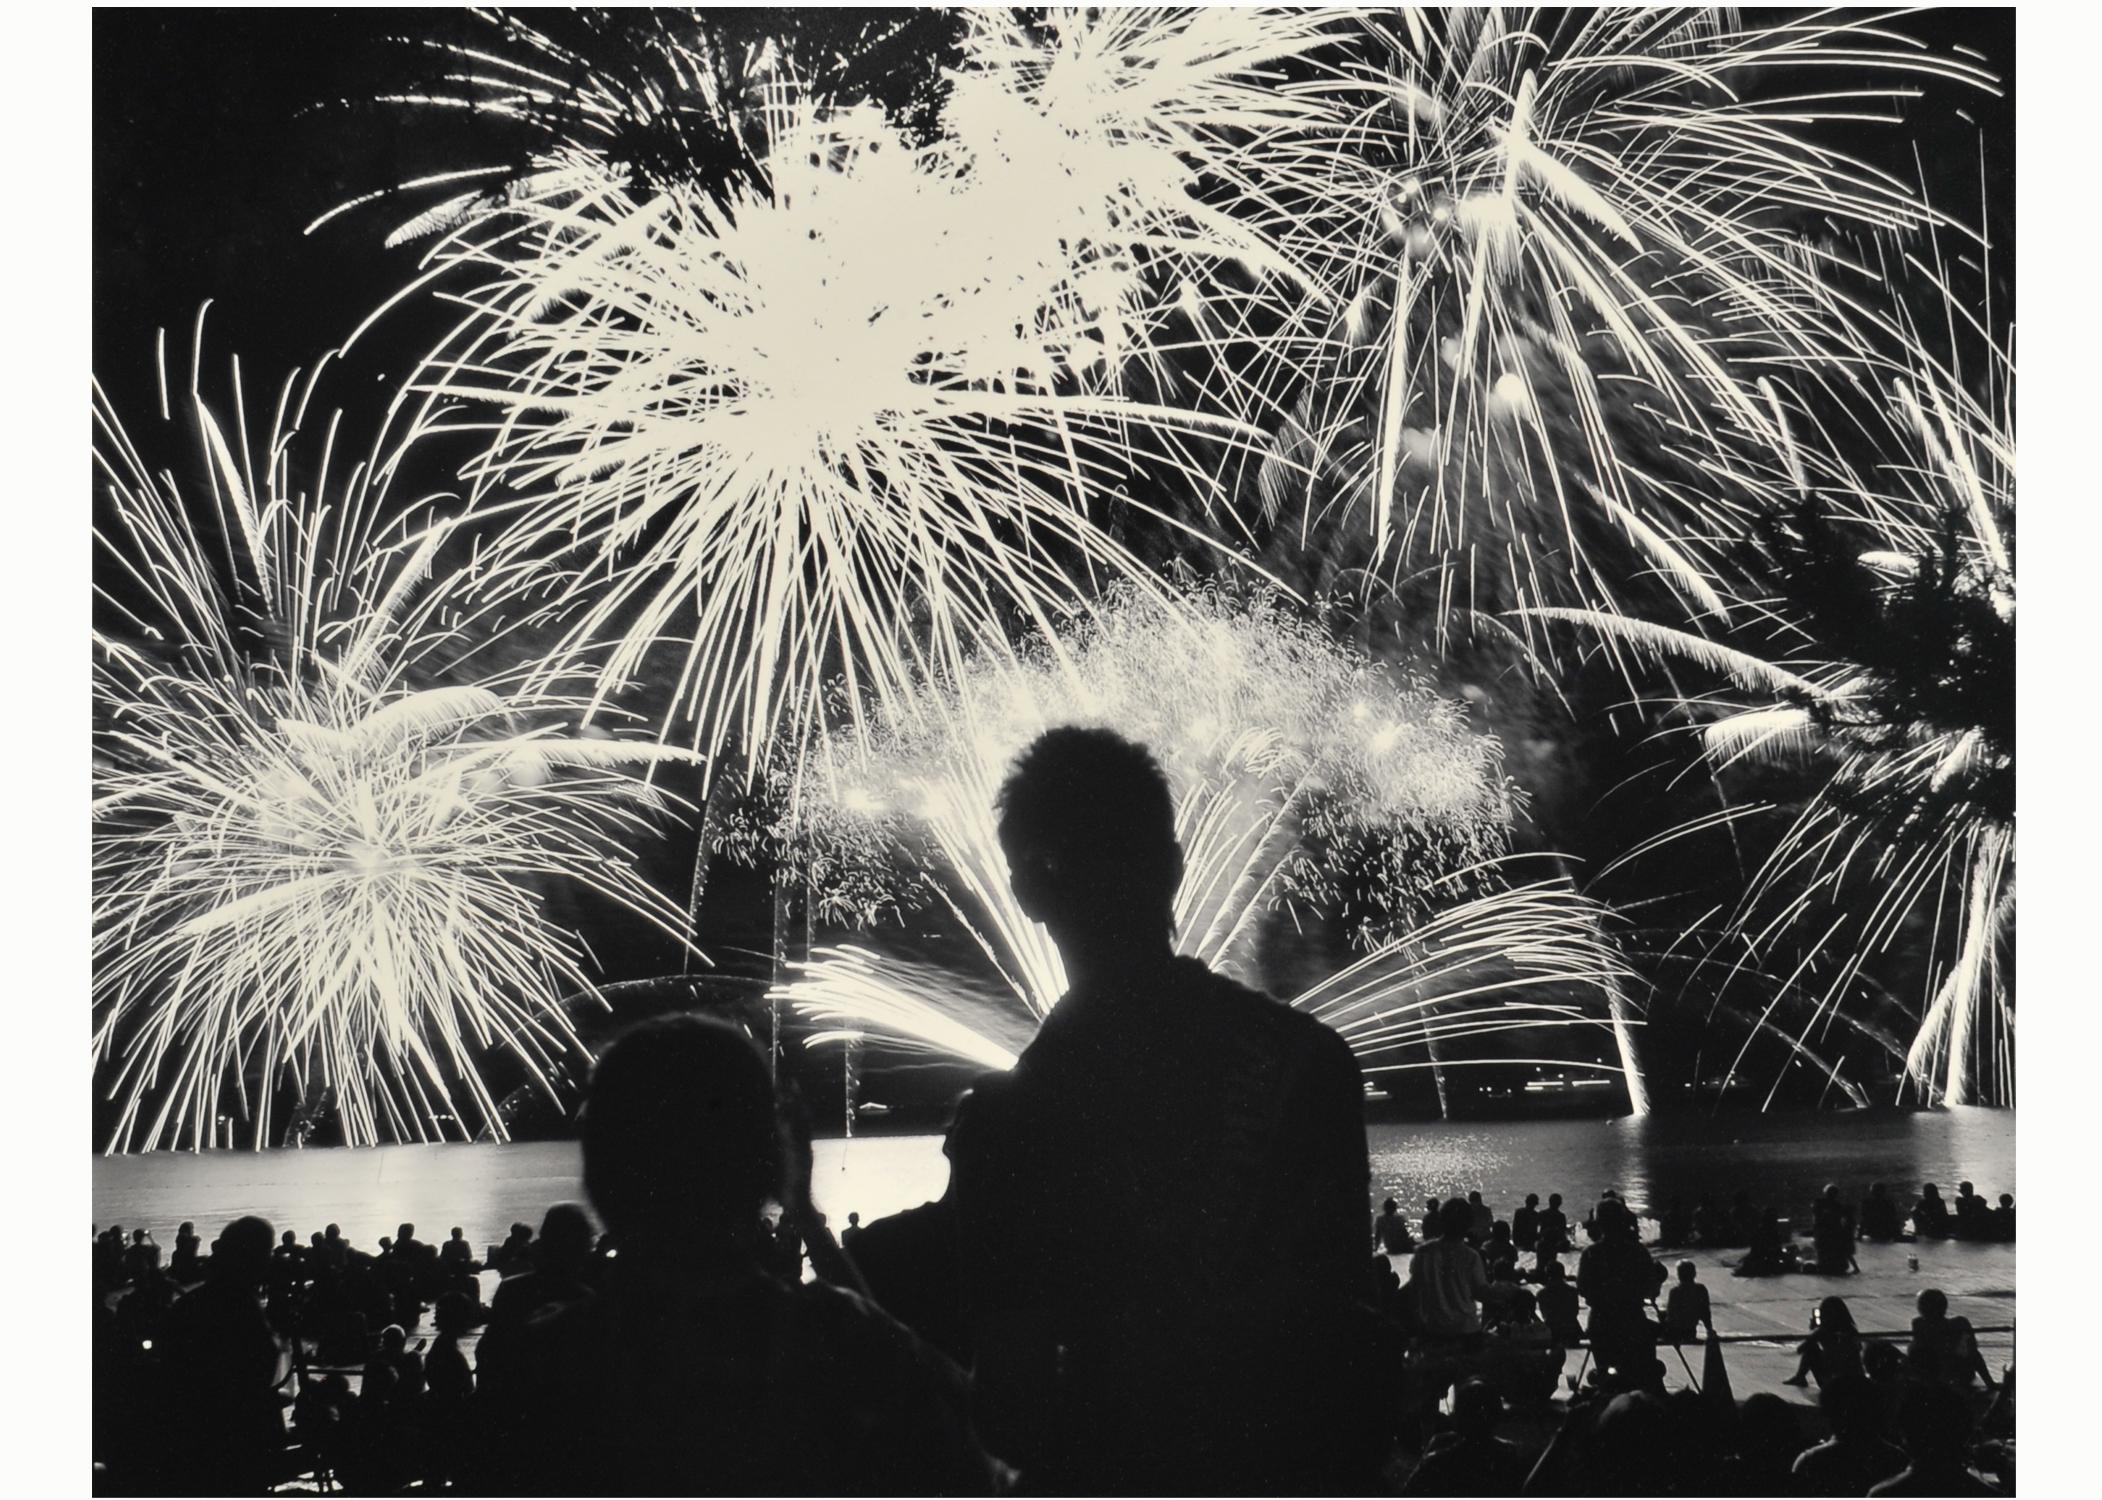 第54回滋賀県写真展覧会特選「2人の夏」タツヒロ